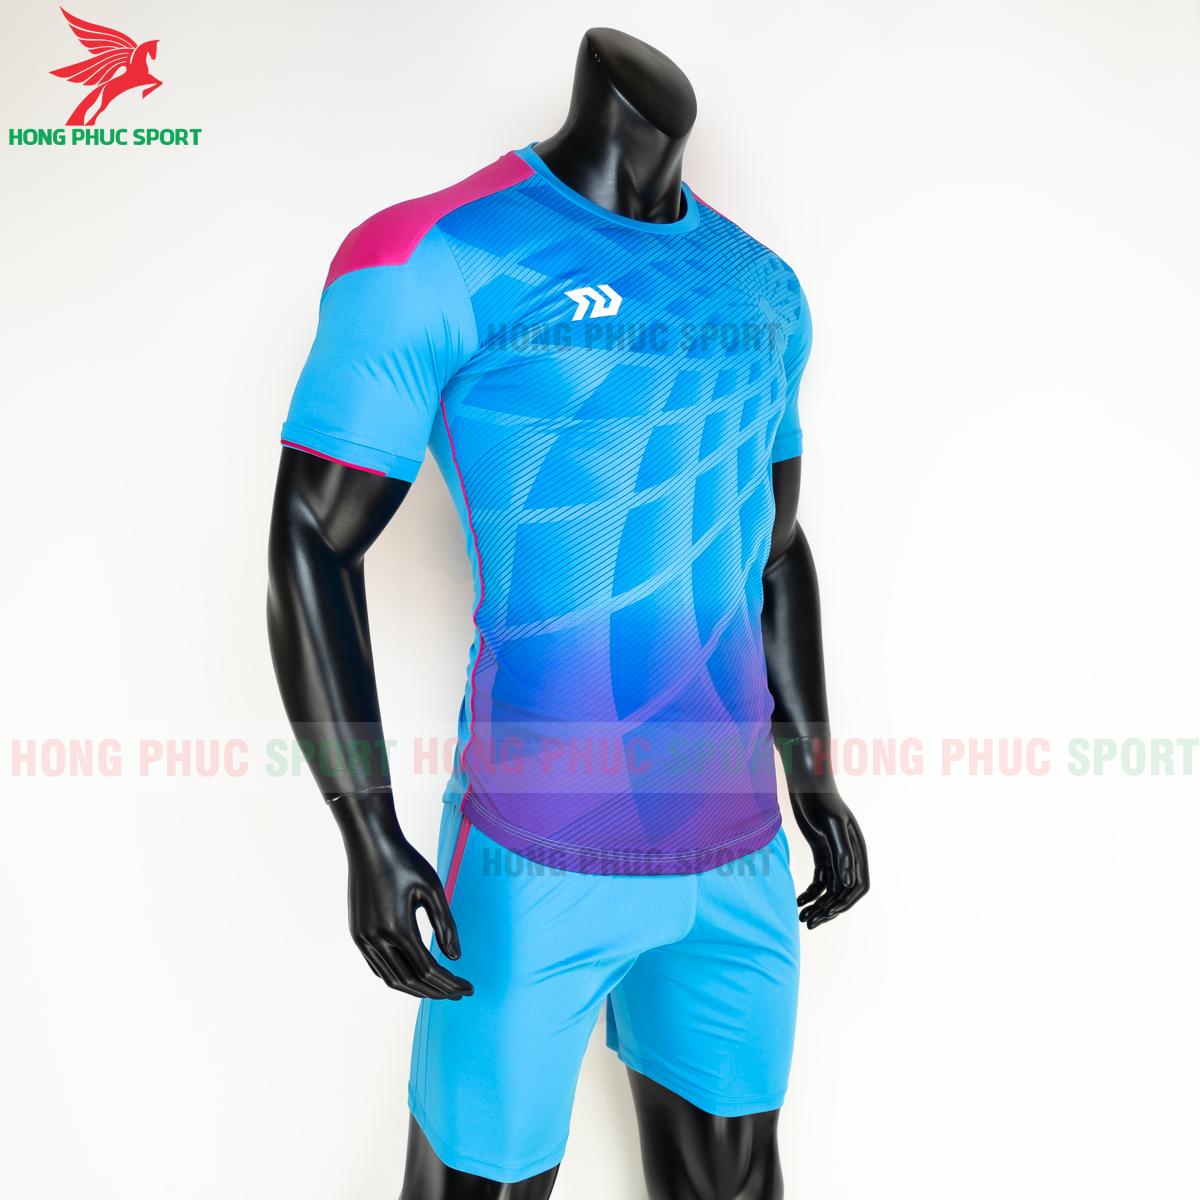 https://cdn.hongphucsport.com/unsafe/s4.shopbay.vn/files/285/ao-bong-da-khong-logo-bulbal-lotus-mau-xanh-4-60501015b6cff.png